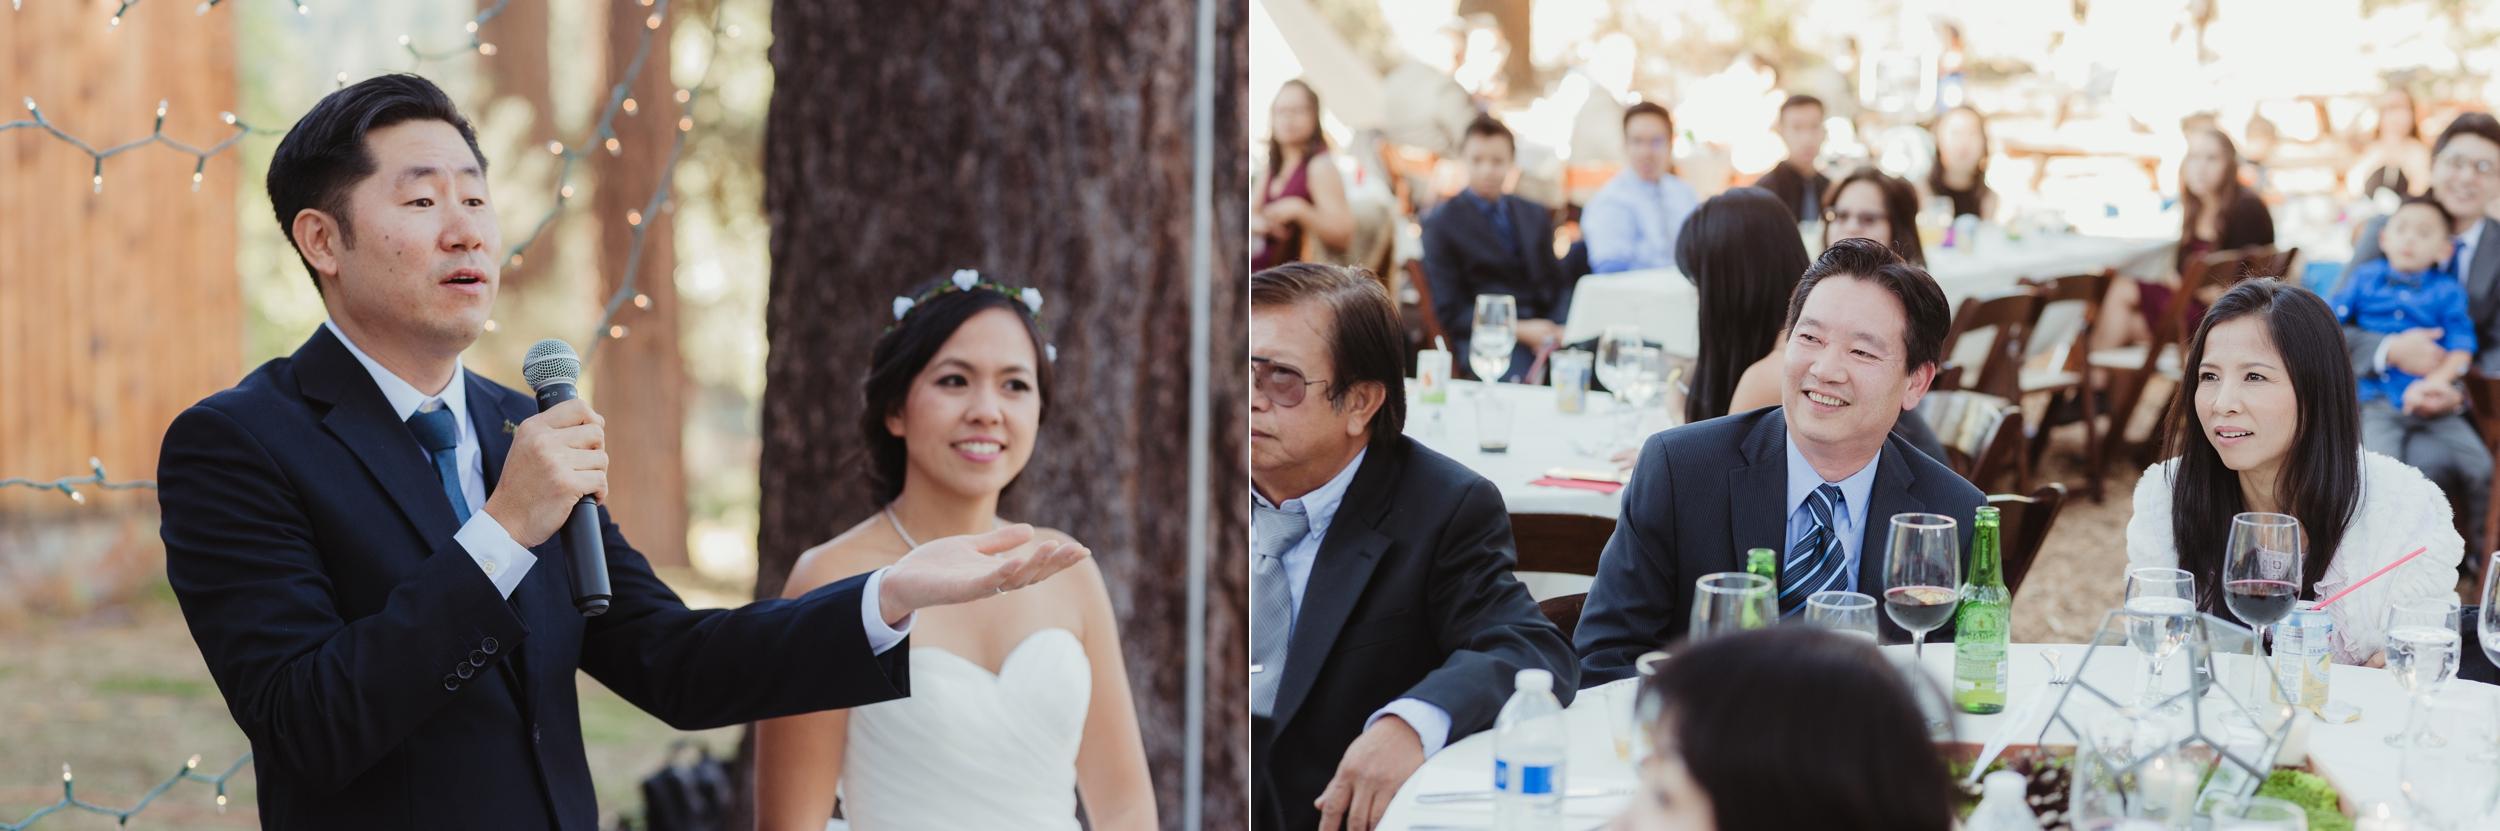 lake-tahoe-destination-wedding-vivianchen-40.jpg